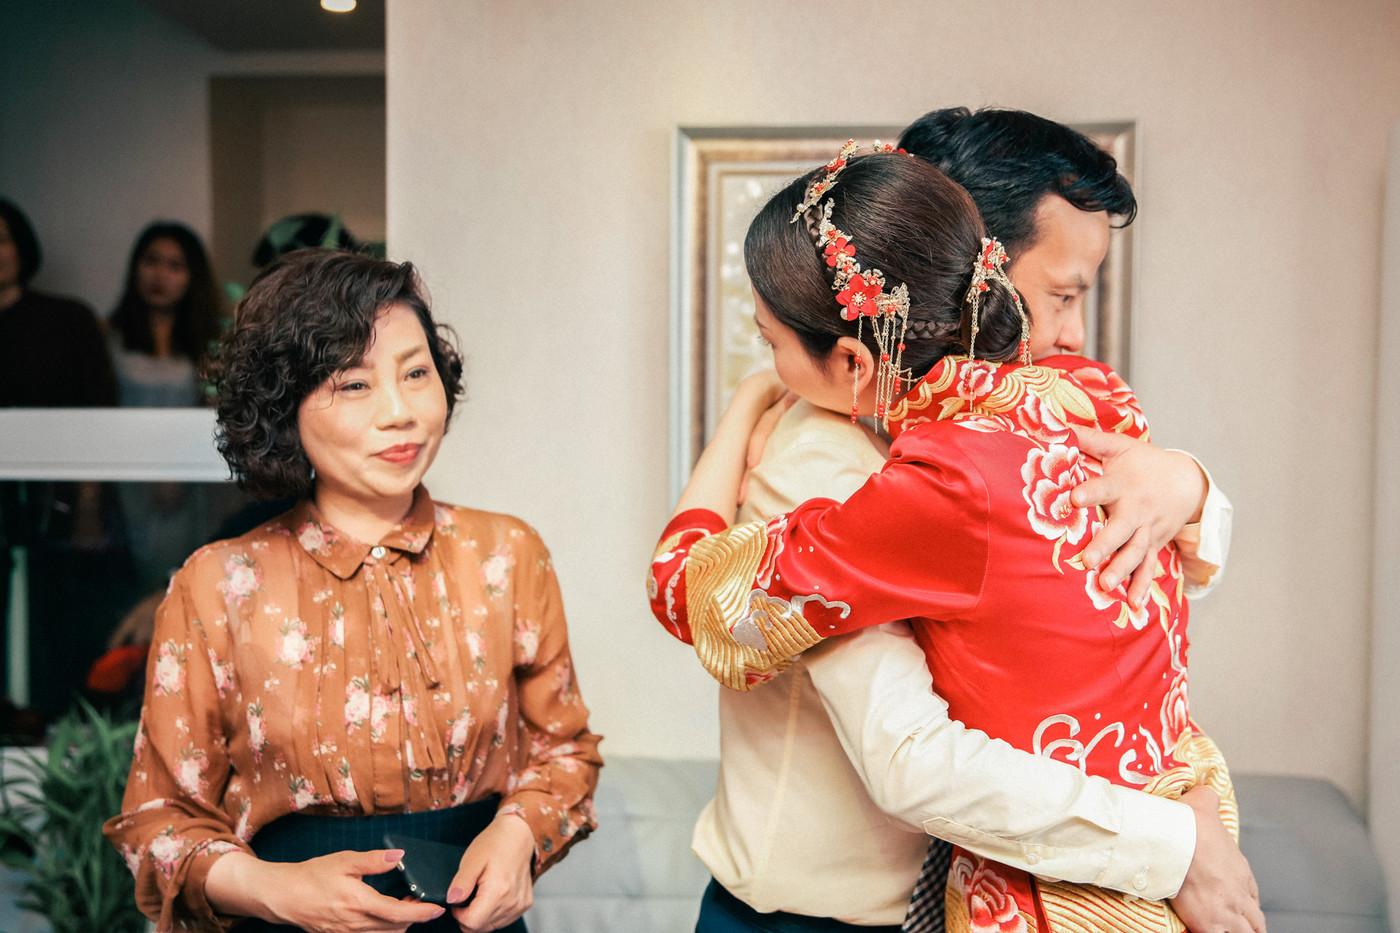 【KAI 婚礼纪实】P&S 南京婚礼27